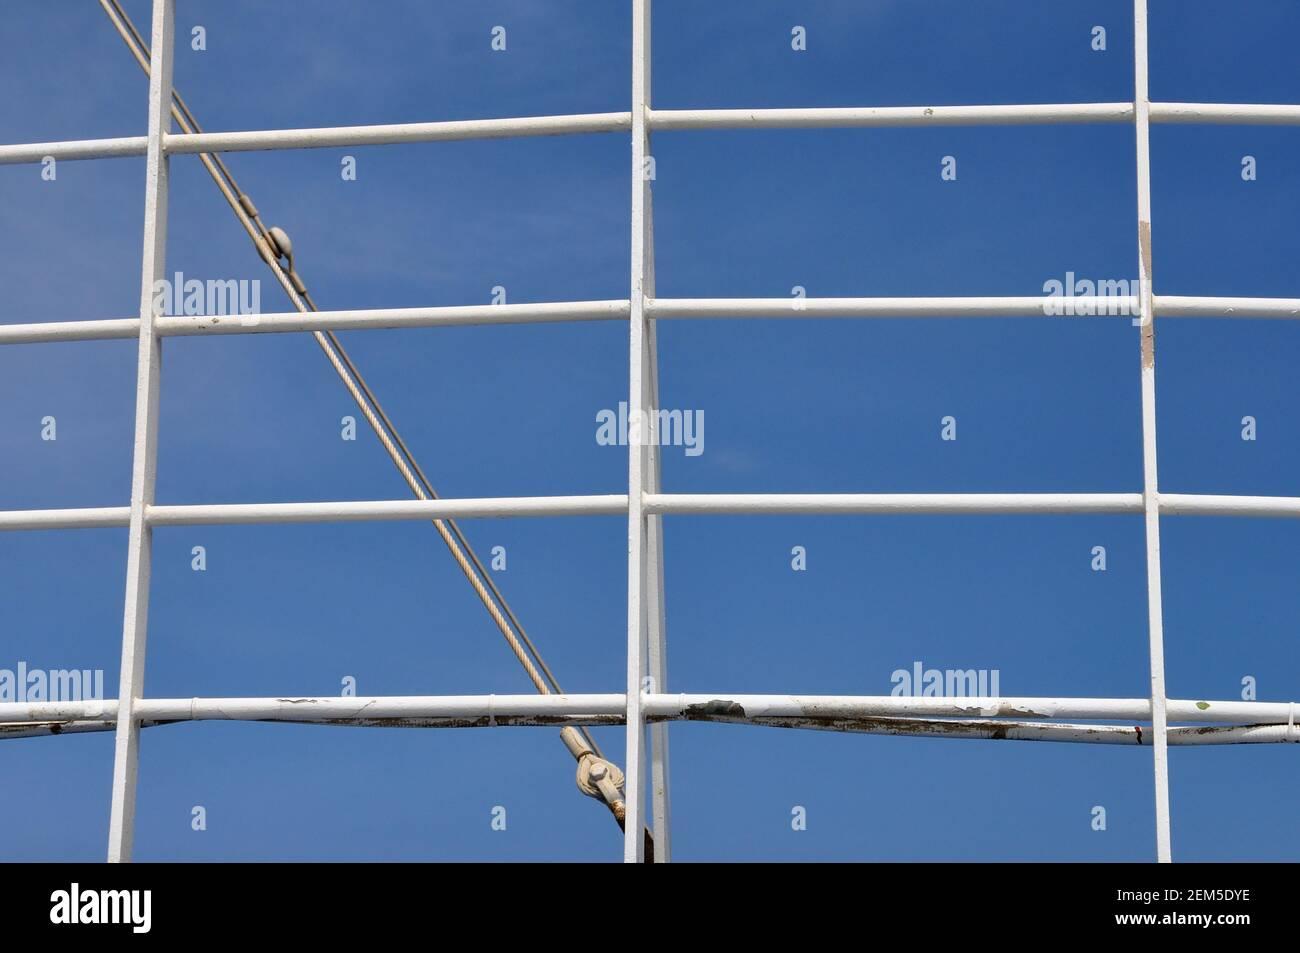 Ringhiera bianca e sfondo blu del cielo. Corrimano in ferro su traghetto. Foto Stock